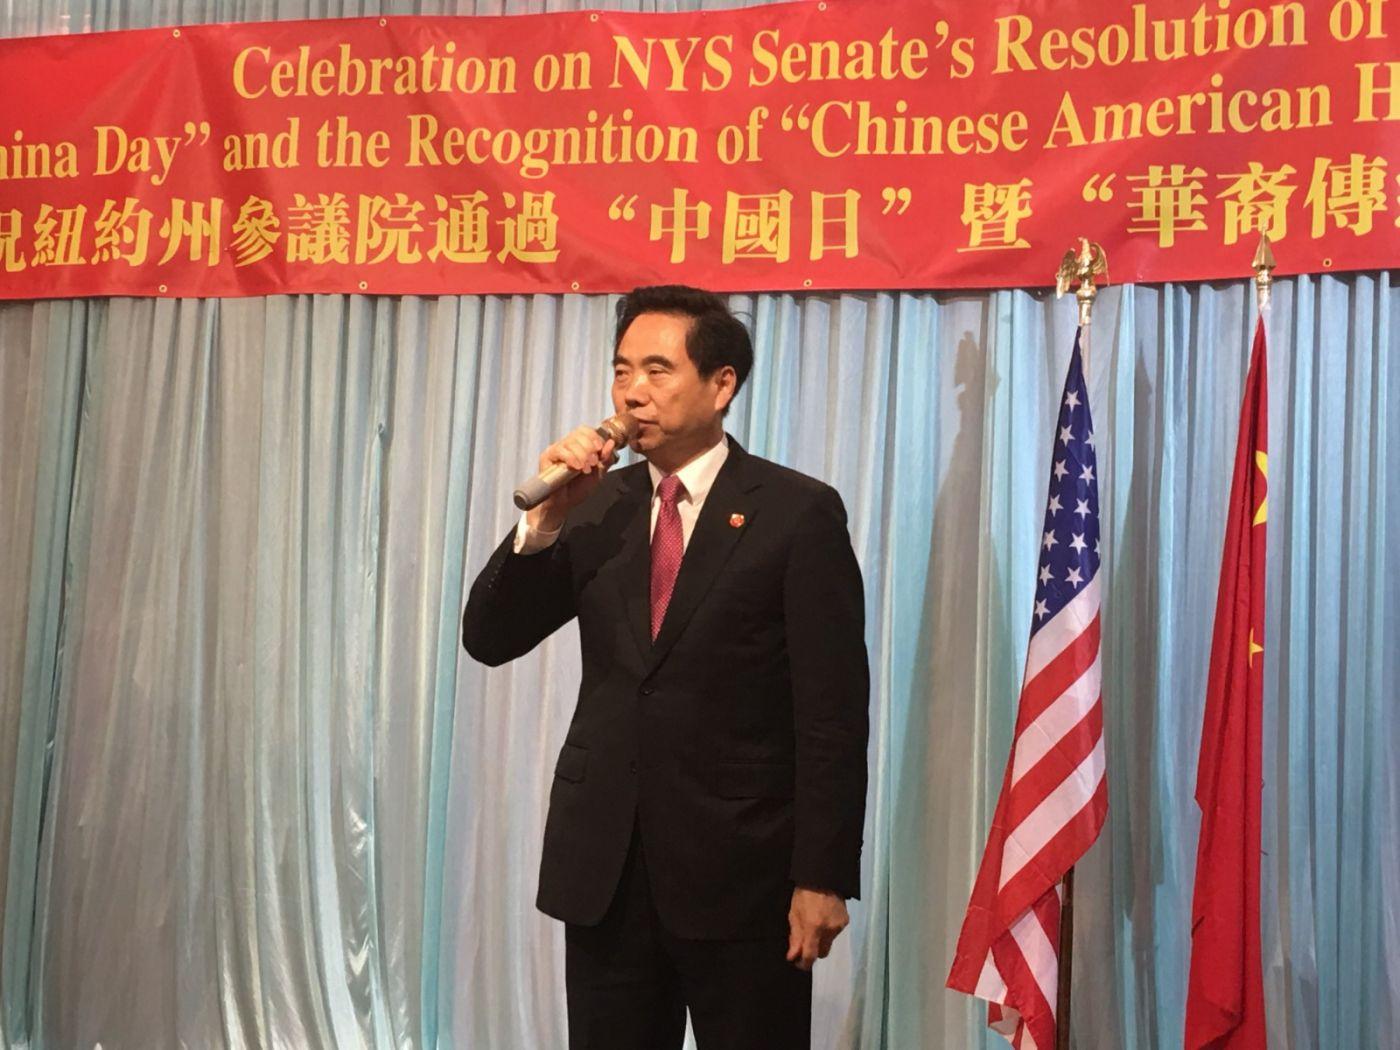 紐約州參議院通過「中國日」決議案慶祝会在紐約舉行_图1-32